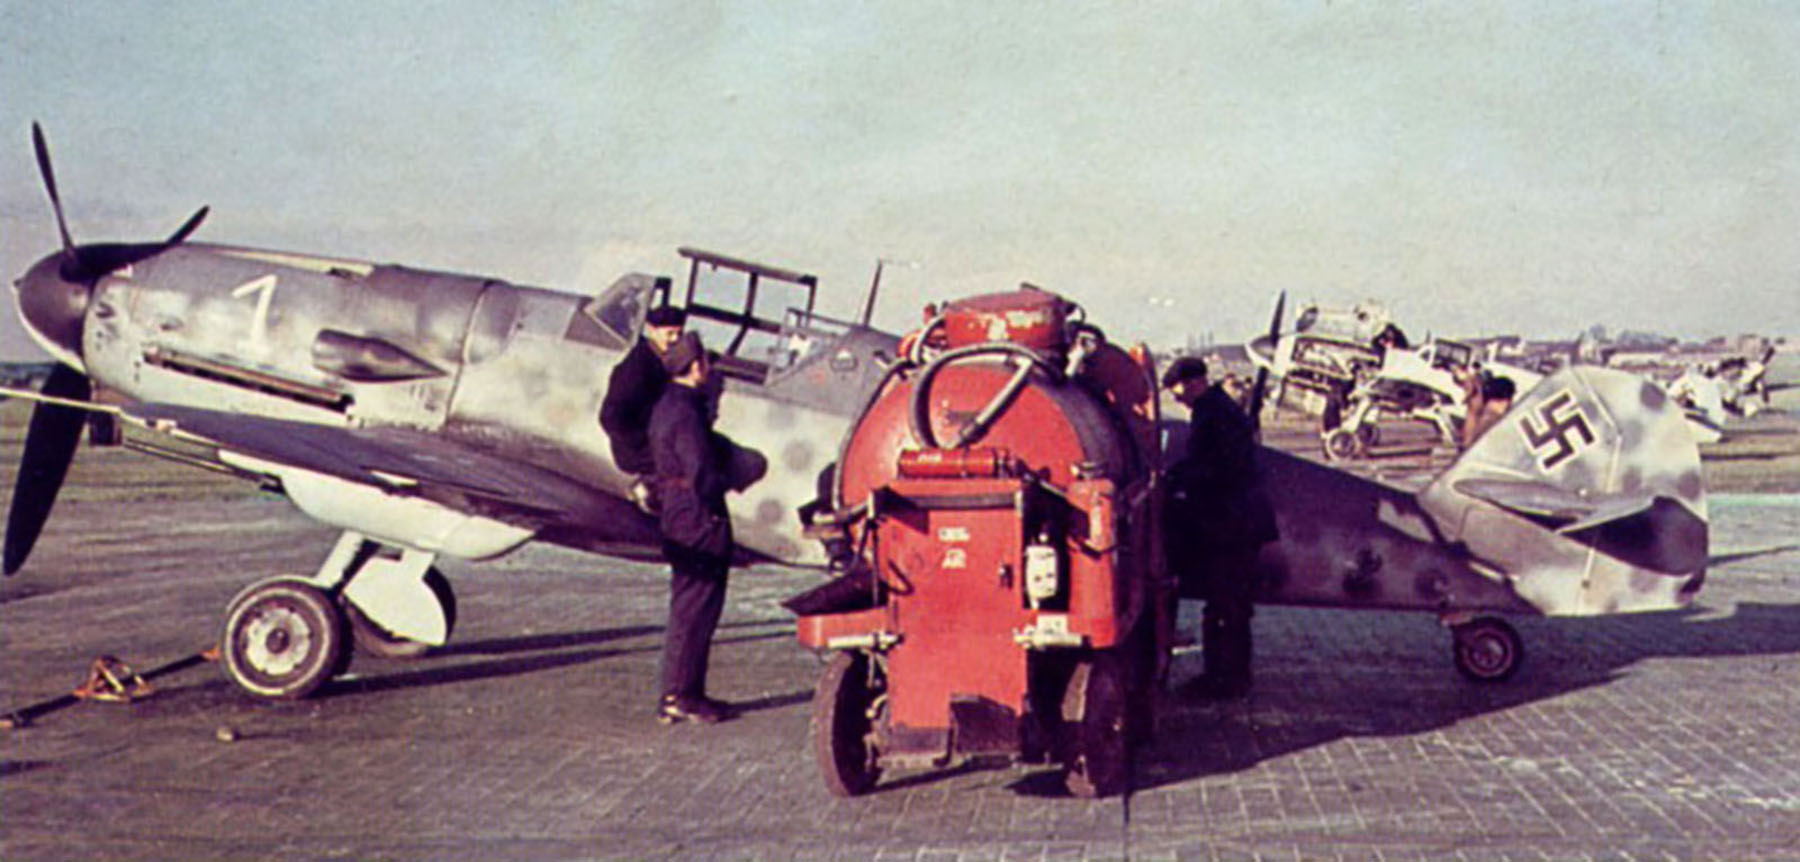 Messerschmitt Bf 109G6R6 Reichsverteidigung White 1 unknown unit and pilot 01